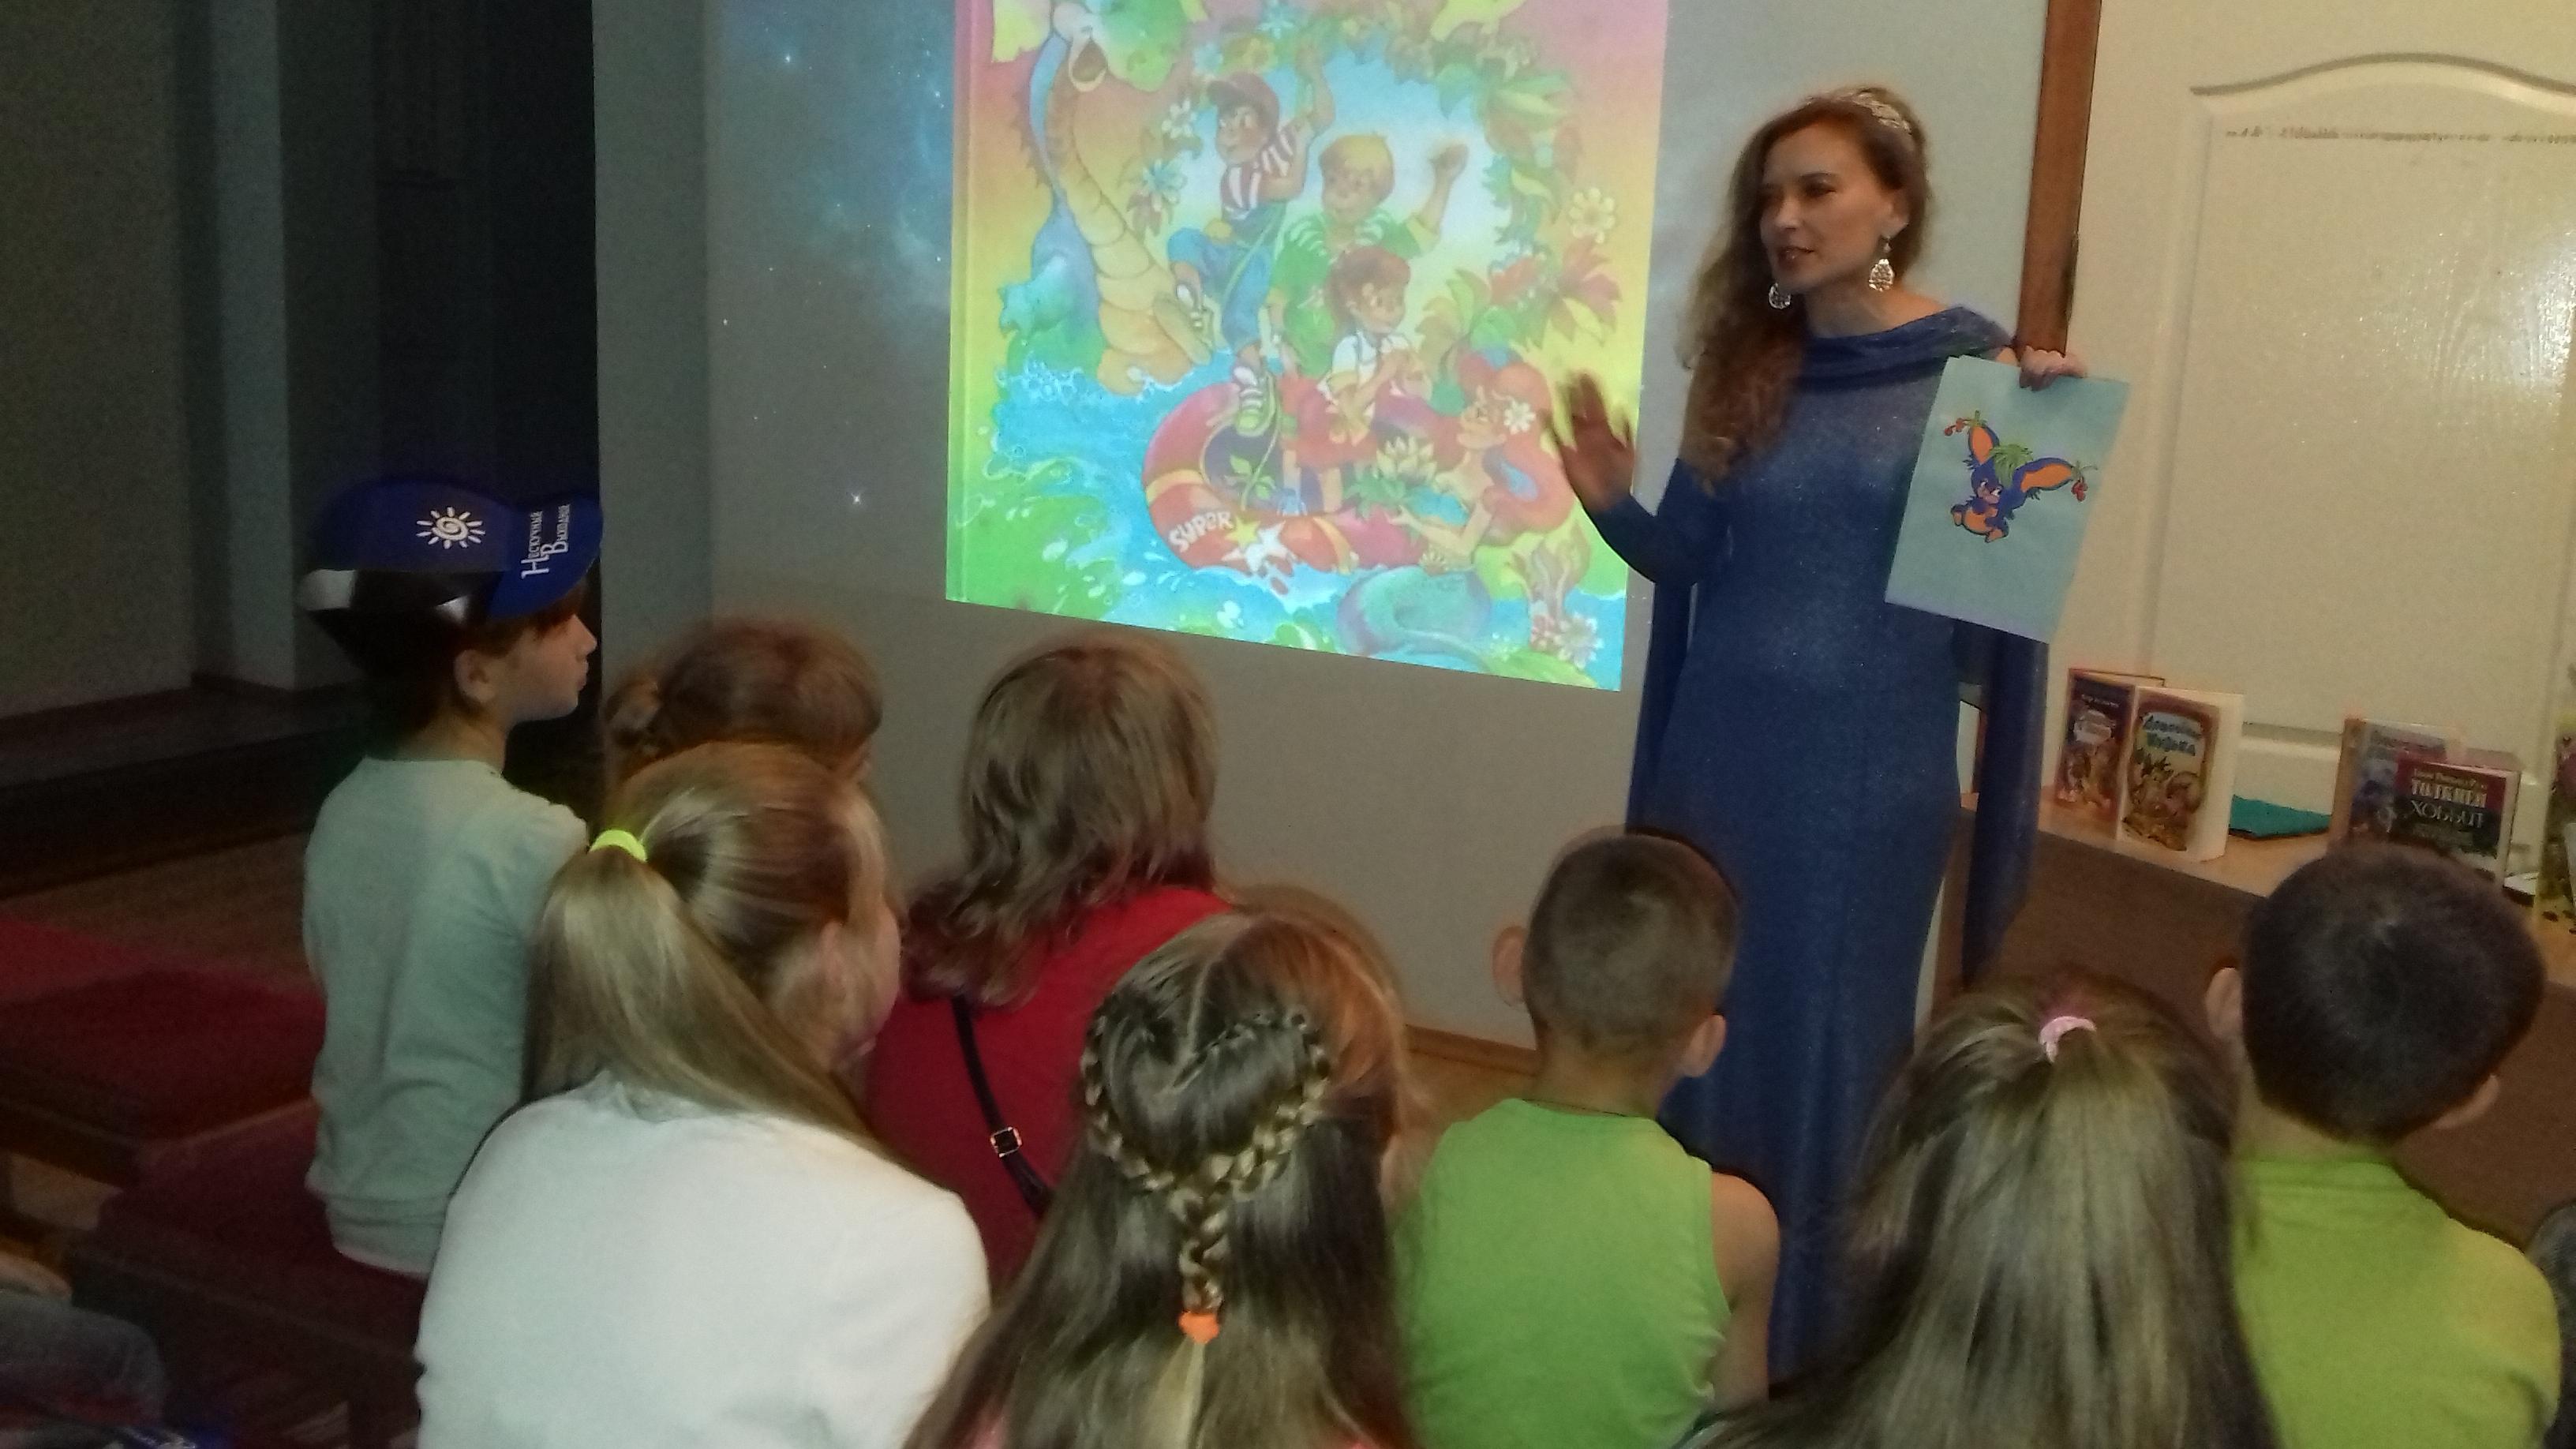 нескучный выходной, дети донбасса, донецкая республиканская библиотека для детей, гуманитарная программа по воссоединению народа донбасса